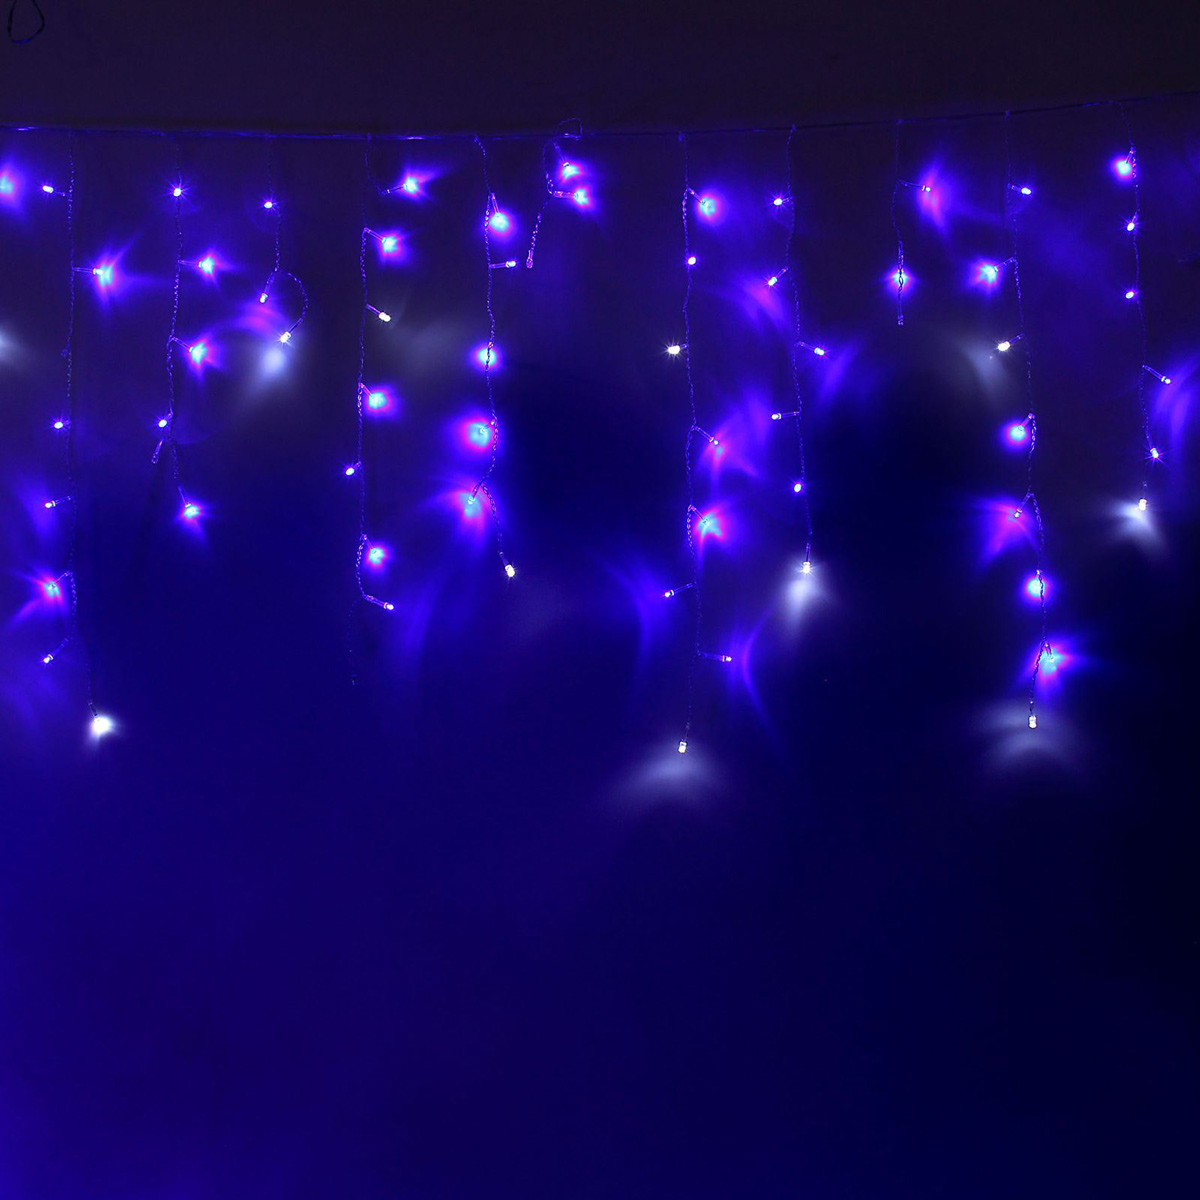 Гирлянда светодиодная Luazon Бахрома, эффект мерцания, 299 ламп, 220 V, цвет: синий, белый, 5,2 х 0,6 м. 10804281080428Светодиодные гирлянды, ленты и т.д — это отличный вариант для новогоднего оформления интерьера или фасада. С их помощью помещение любого размера можно превратить в праздничный зал, а внешние элементы зданий, украшенные ими, мгновенно станут напоминать очертания сказочного дворца. Такие украшения создают ауру предвкушения чуда. Деревья, фасады, витрины, окна и арки будто специально созданы, чтобы вы украсили их светящимися нитями.